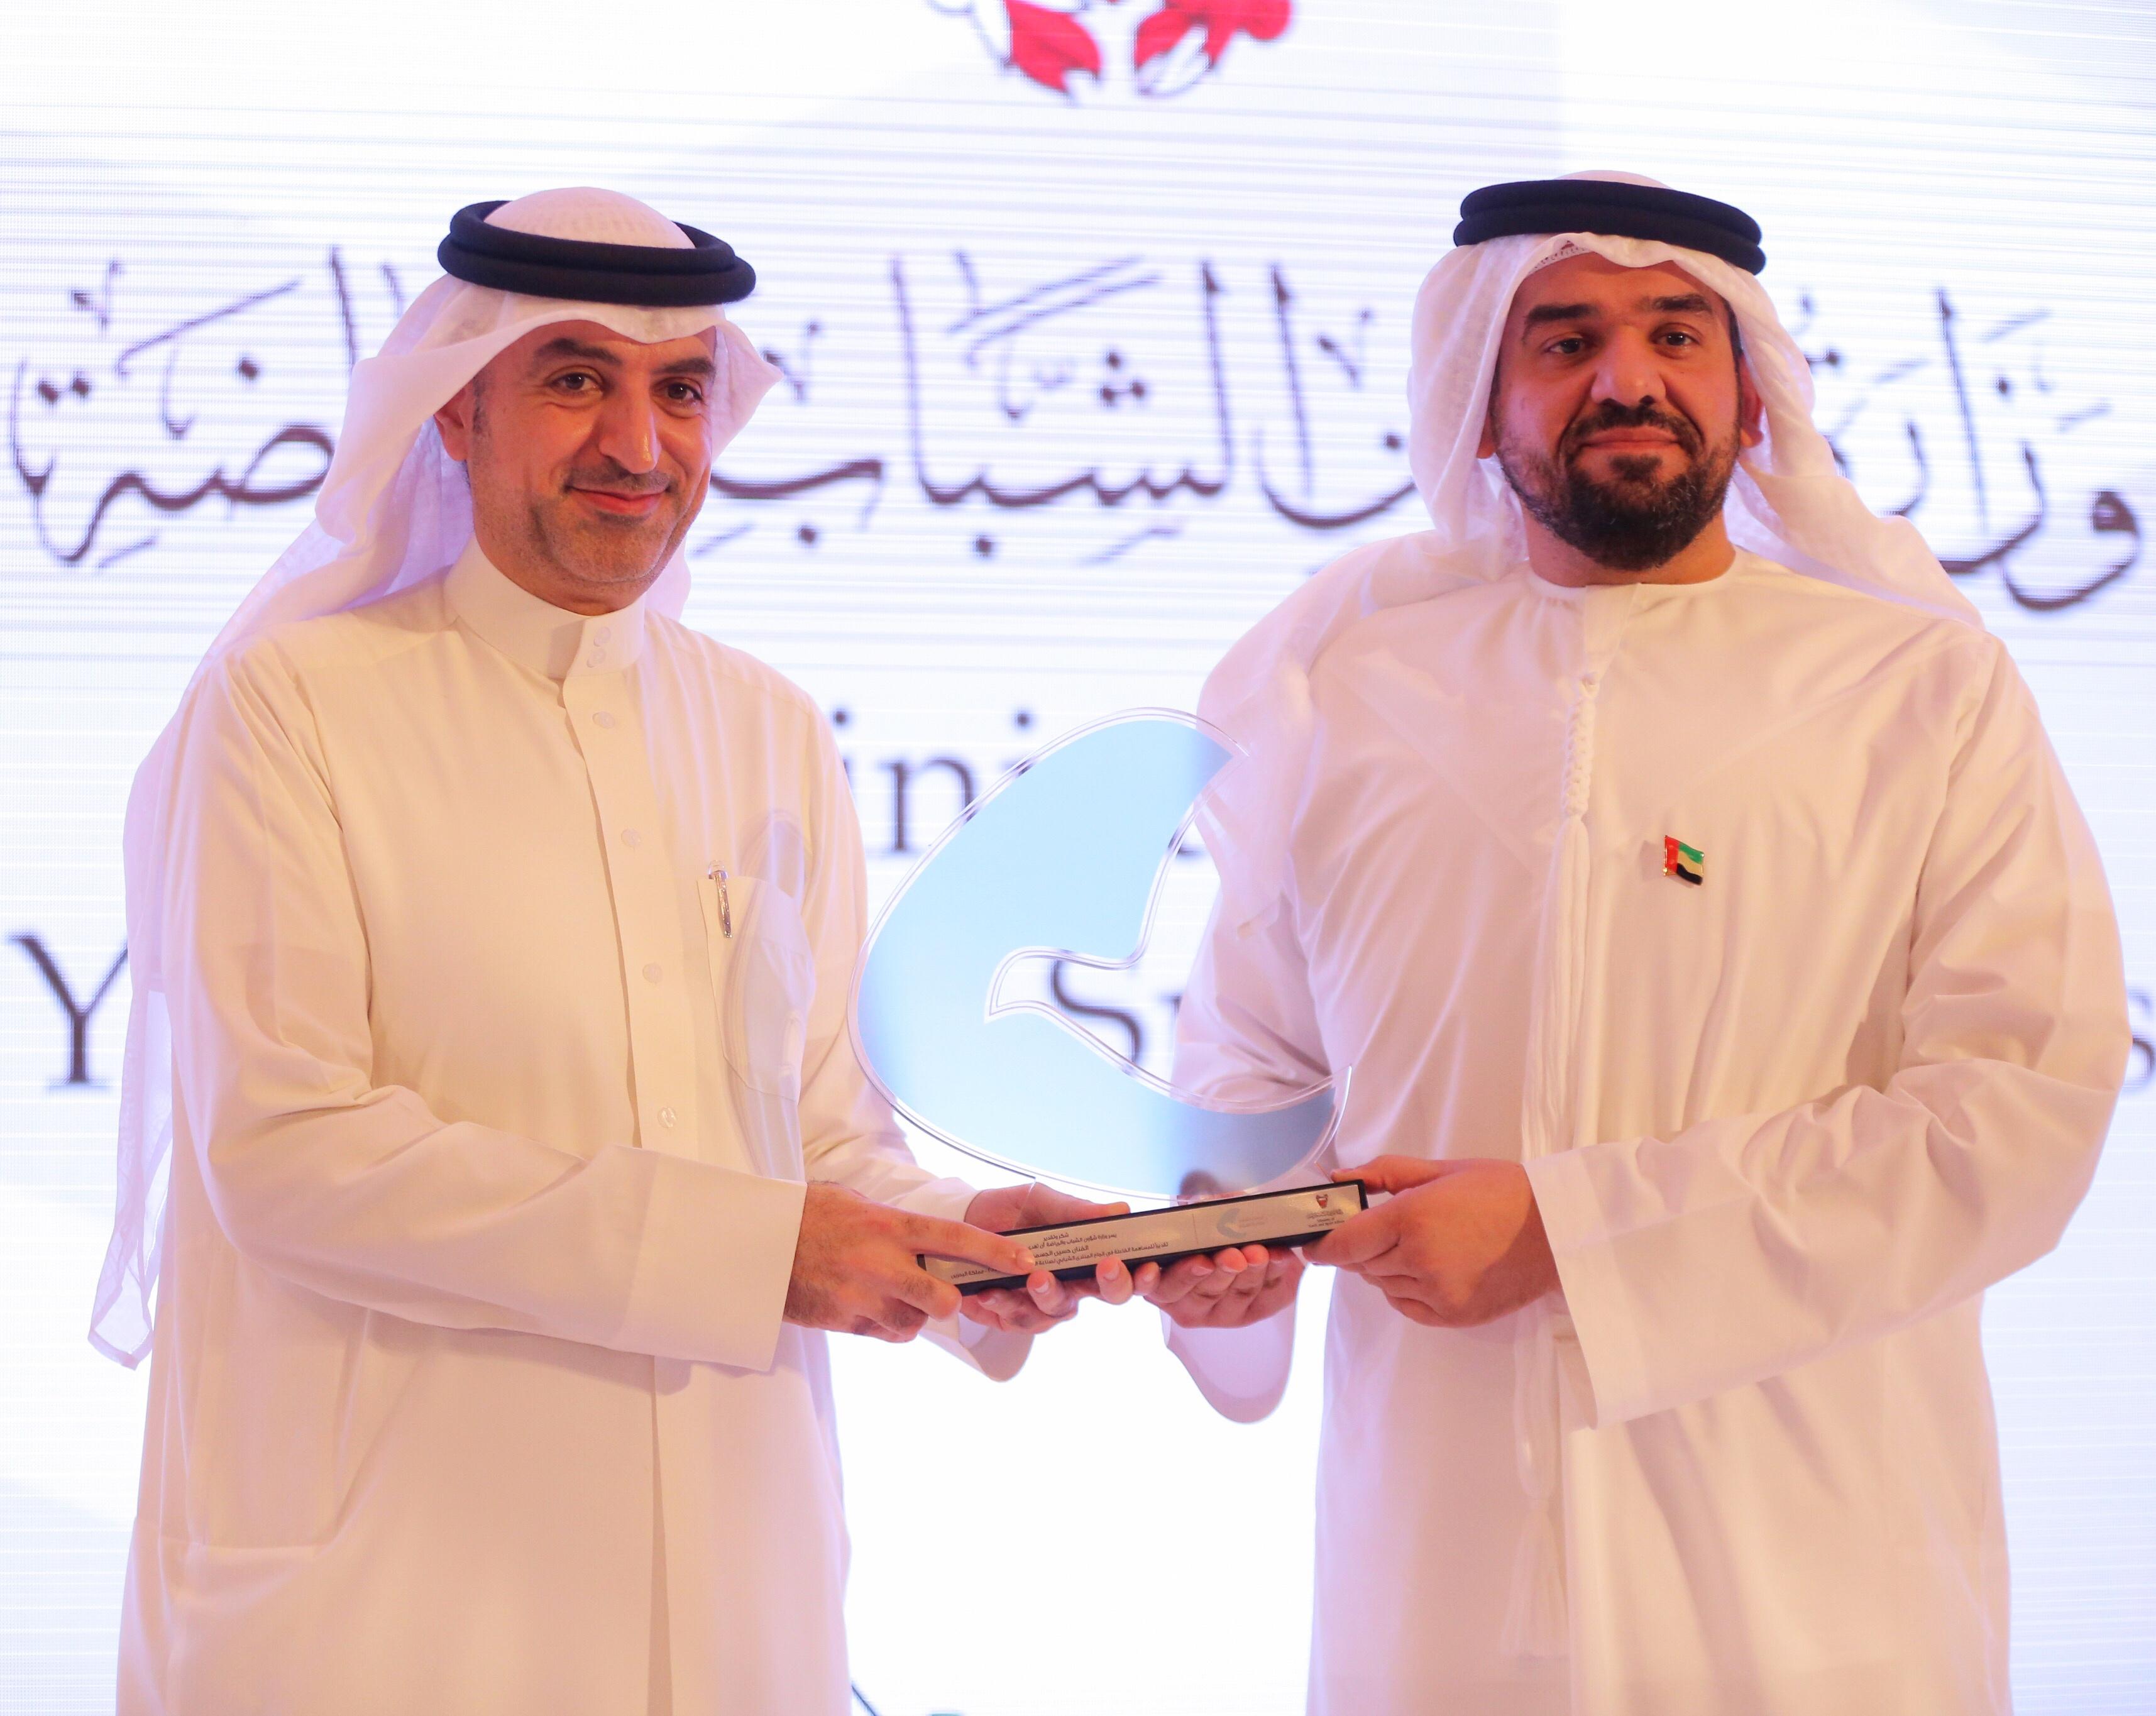 صورة حسين الجسمي متحدثا في المنتدى الشبابي لصناعة السلام في البحرين